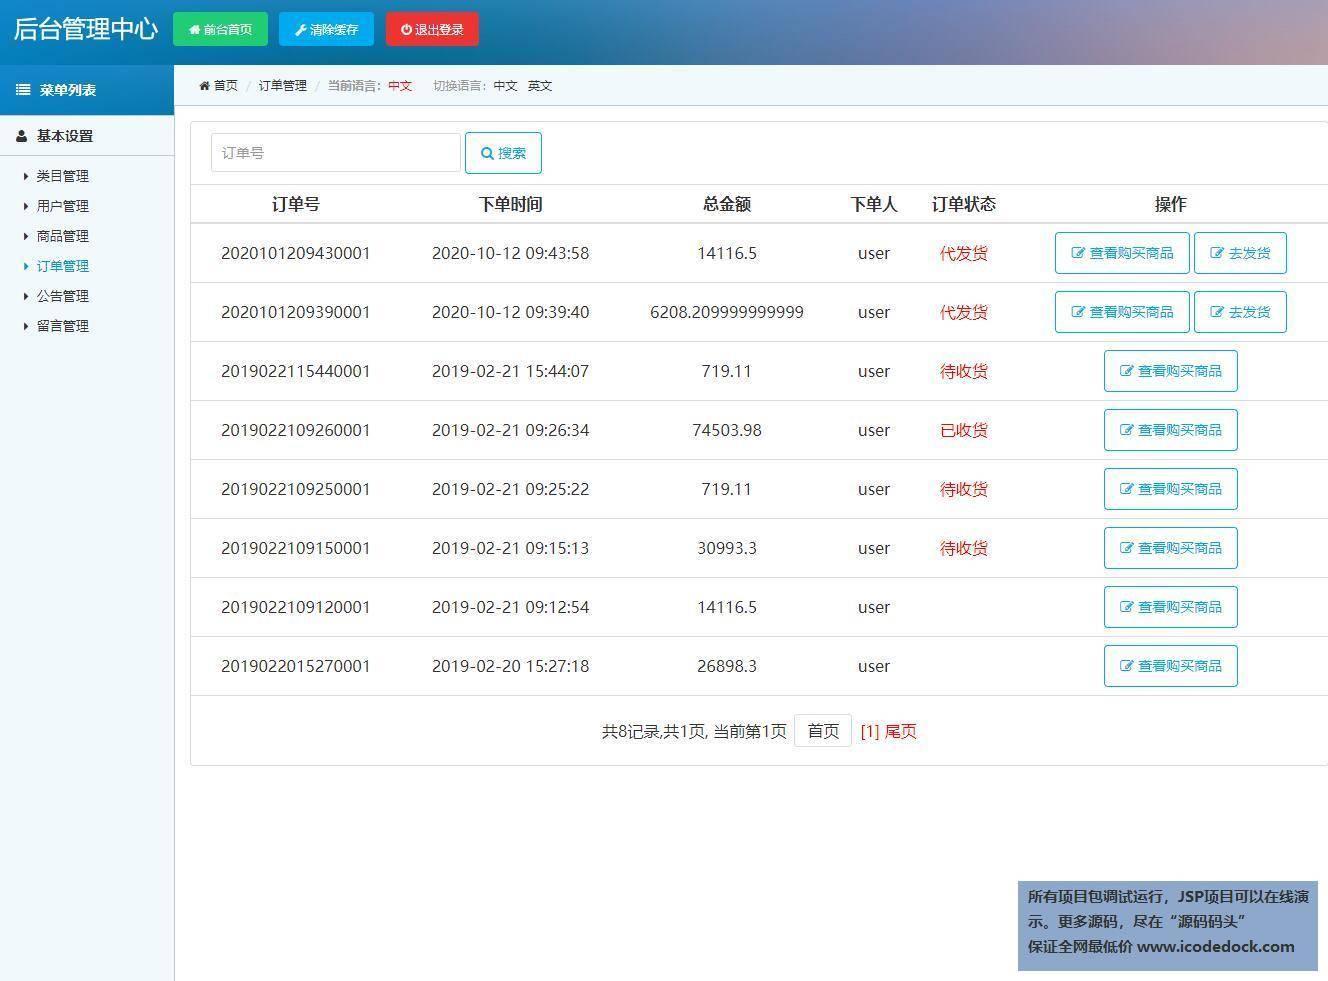 源码码头-SSM电器商城系统-管理员角色-订单管理